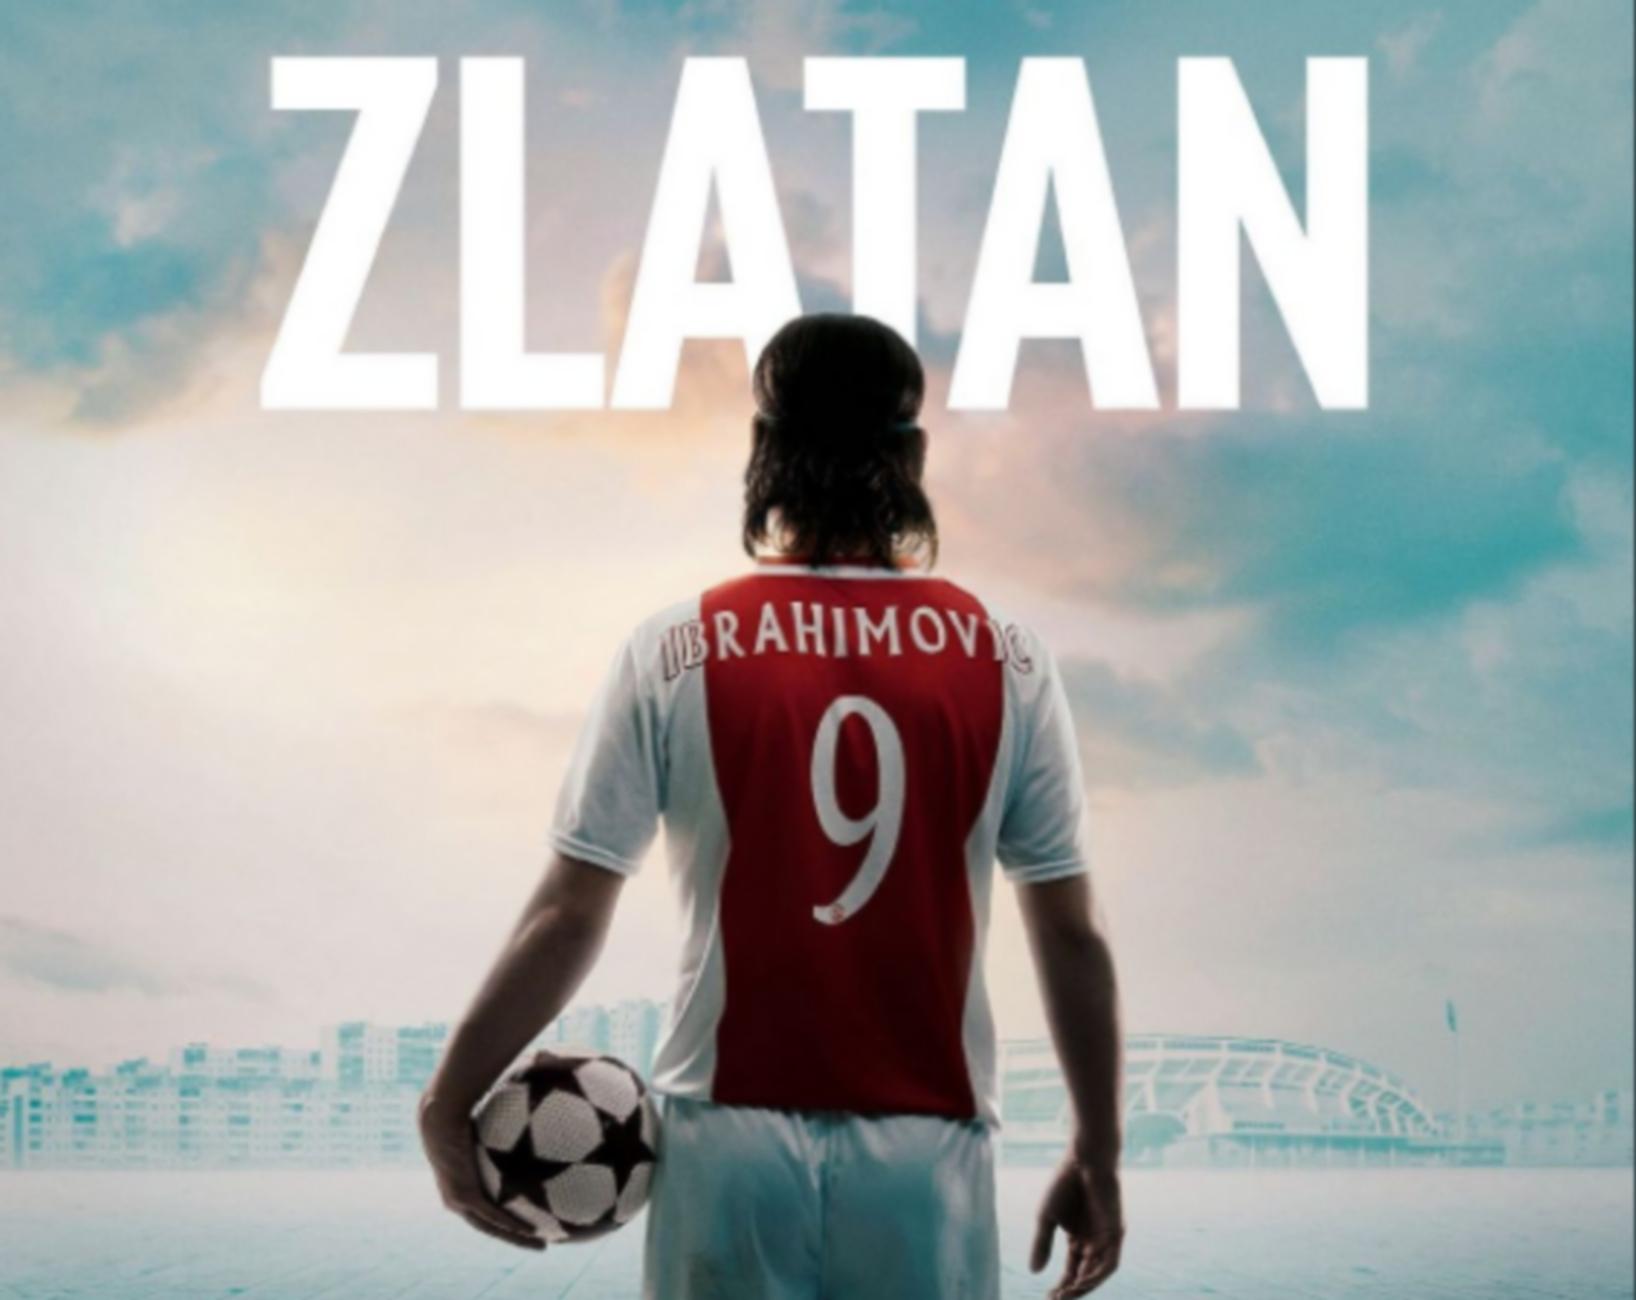 Ζλάταν Ιμπραΐμοβιτς: Το Σεπτέμβριο κάνει πρεμιέρα η ταινία για τη ζωή του